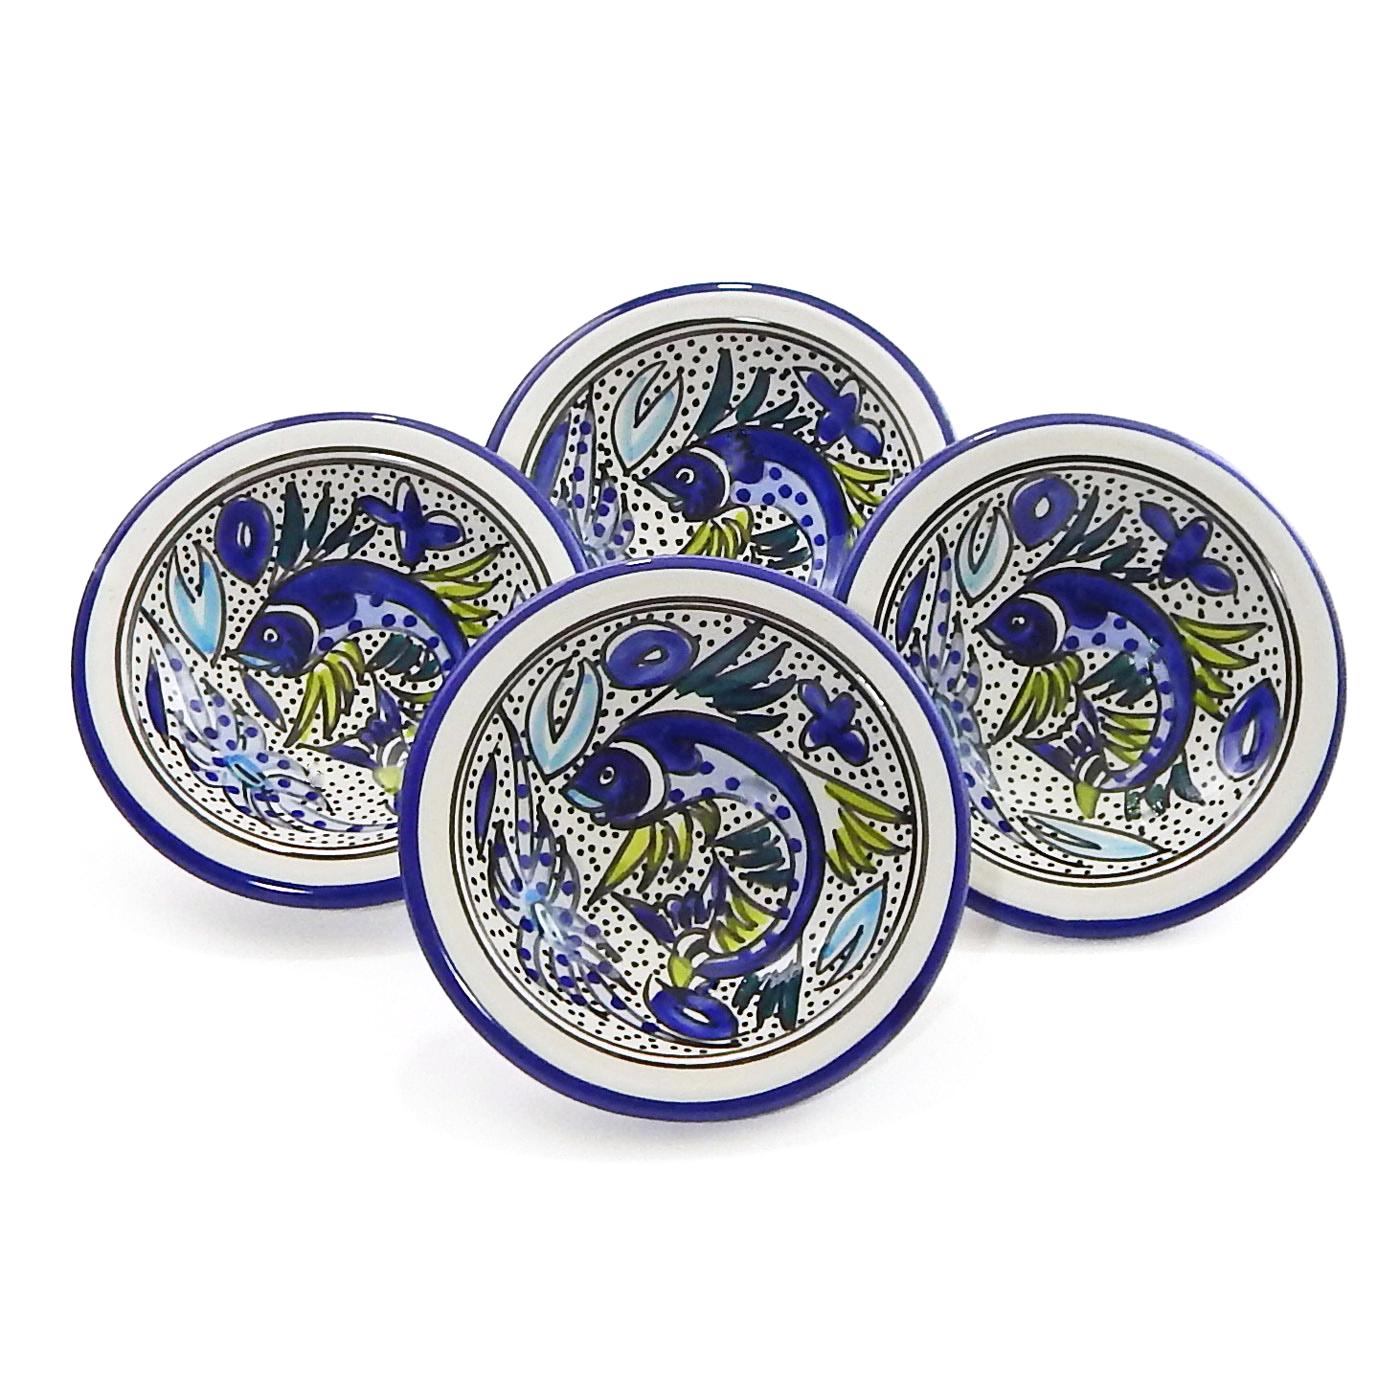 Le Souk Ceramique Aqua Fish Round Sauce Dish, Set of 4